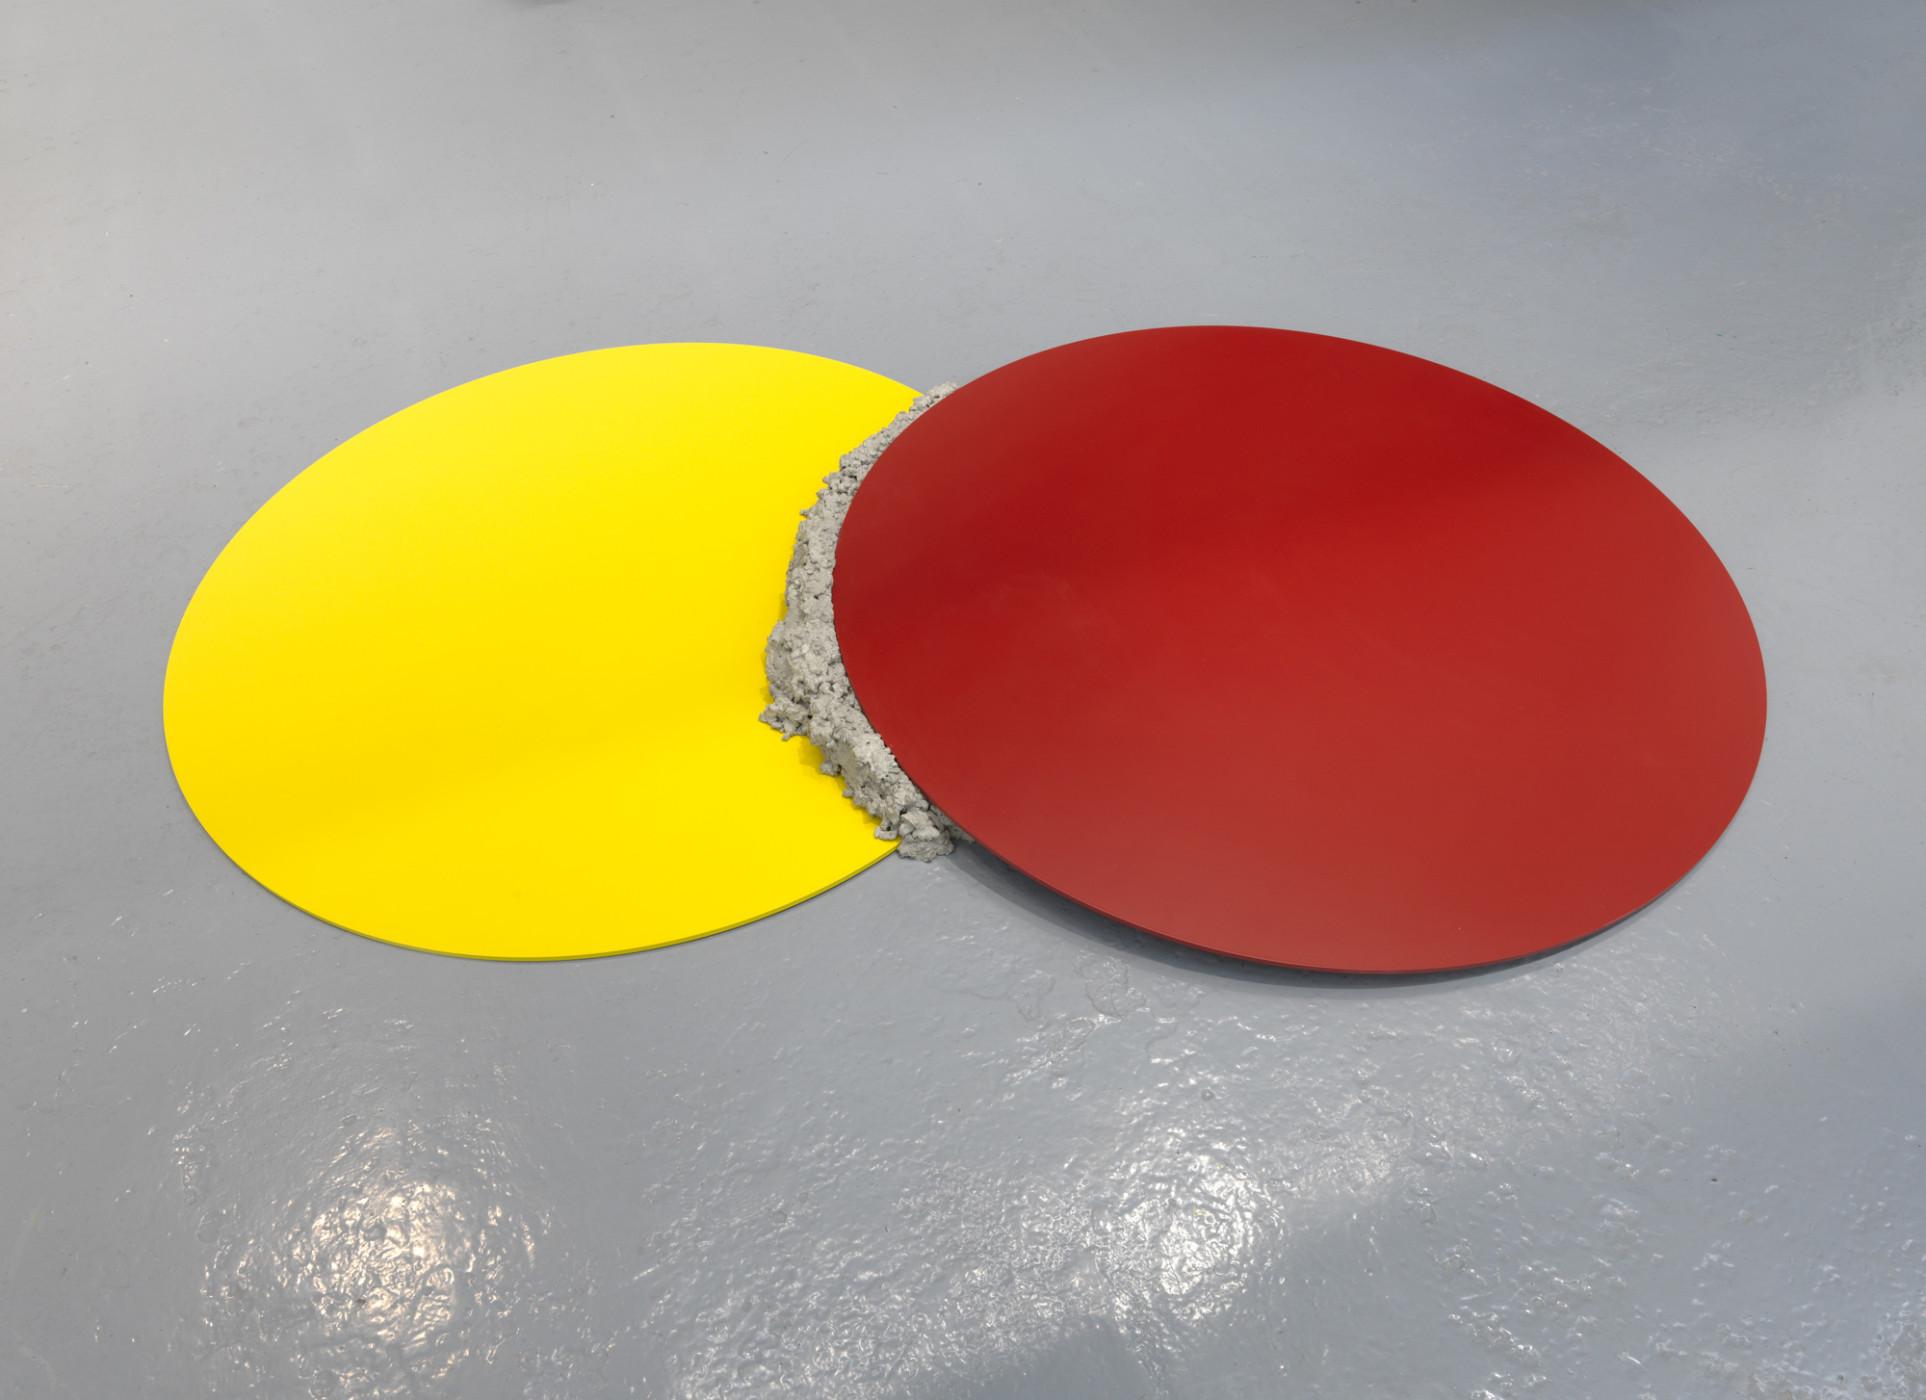 """<div class=""""title""""><em>er</em>, 2012</div><div class=""""medium"""">steel, cement, lacquer paint</div><div class=""""dimensions"""">12.0 x 200.0 x 120.0 cm<br />4 3/4 x 78 3/4 x 47 1/4 in.</div>"""